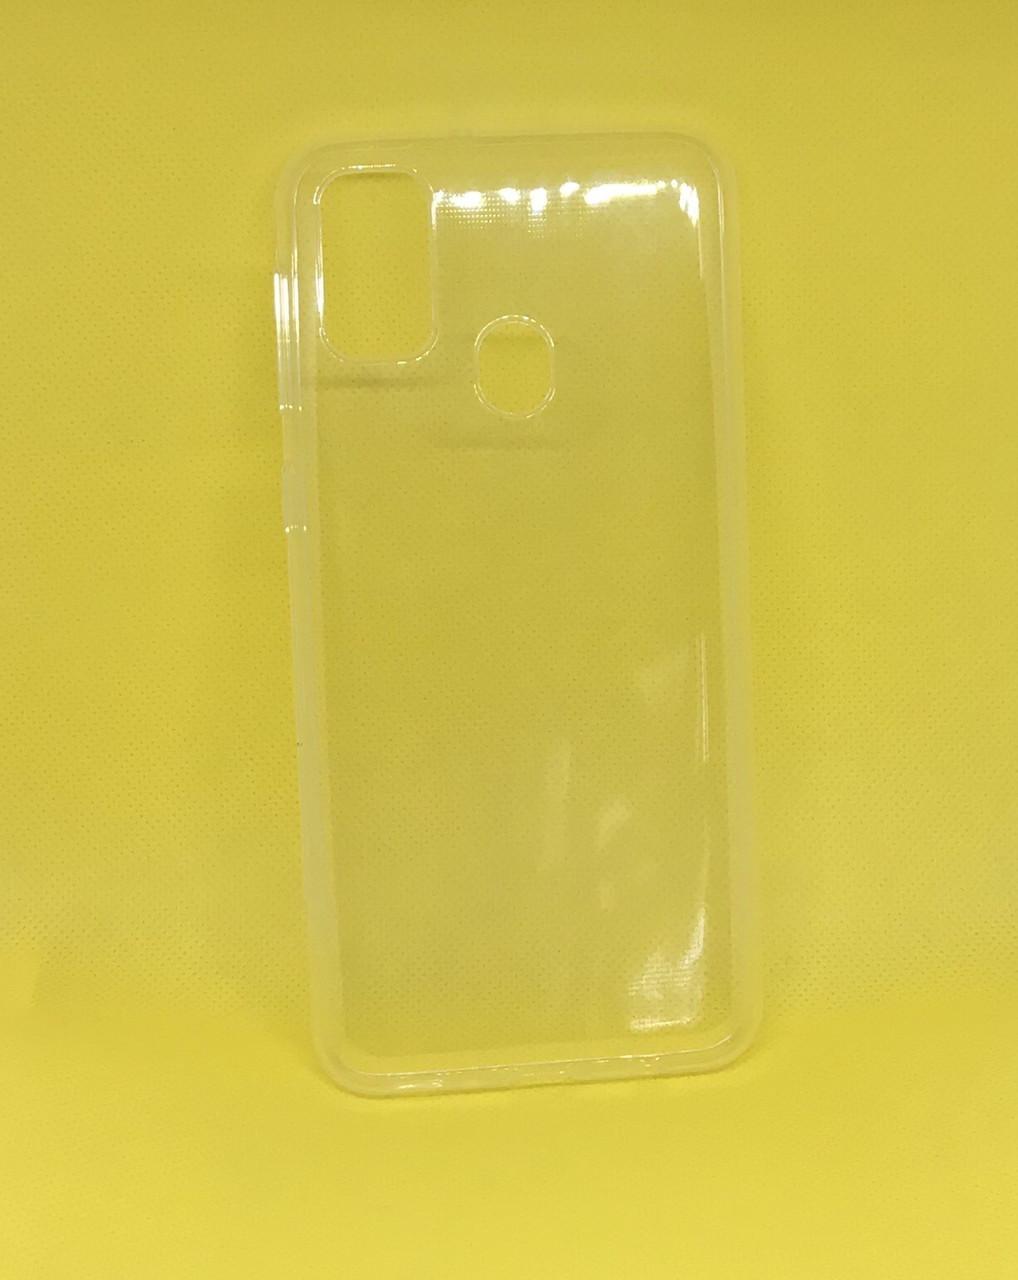 Samsung Galaxy M31 2020 (M315F) чехол/ бампер/ накладка прозрачный силиконовый ультратонкий